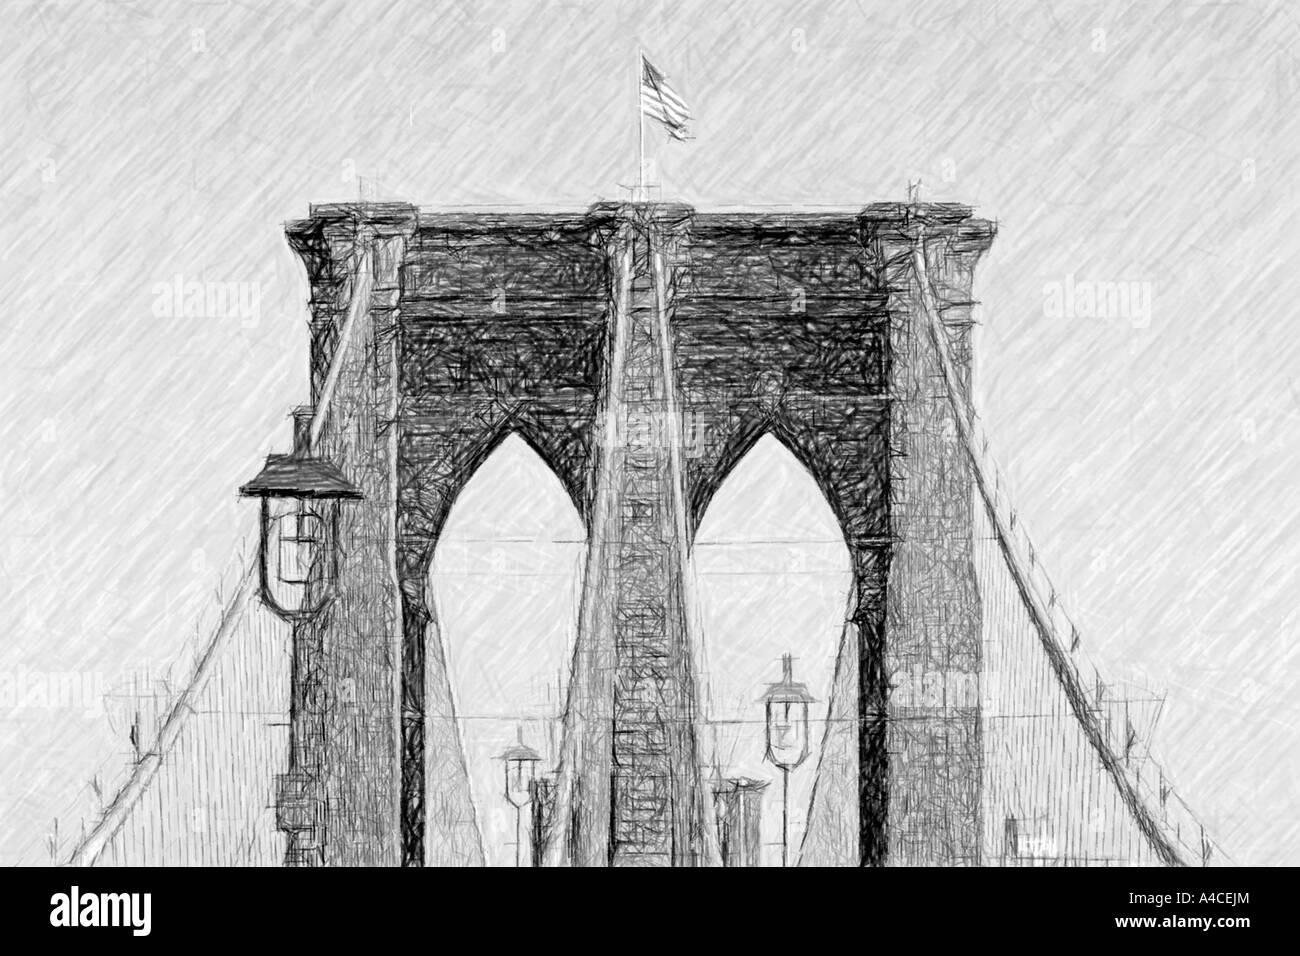 Puente de Brooklyn como carbón o dibujo, representado digitalmente Imagen De Stock